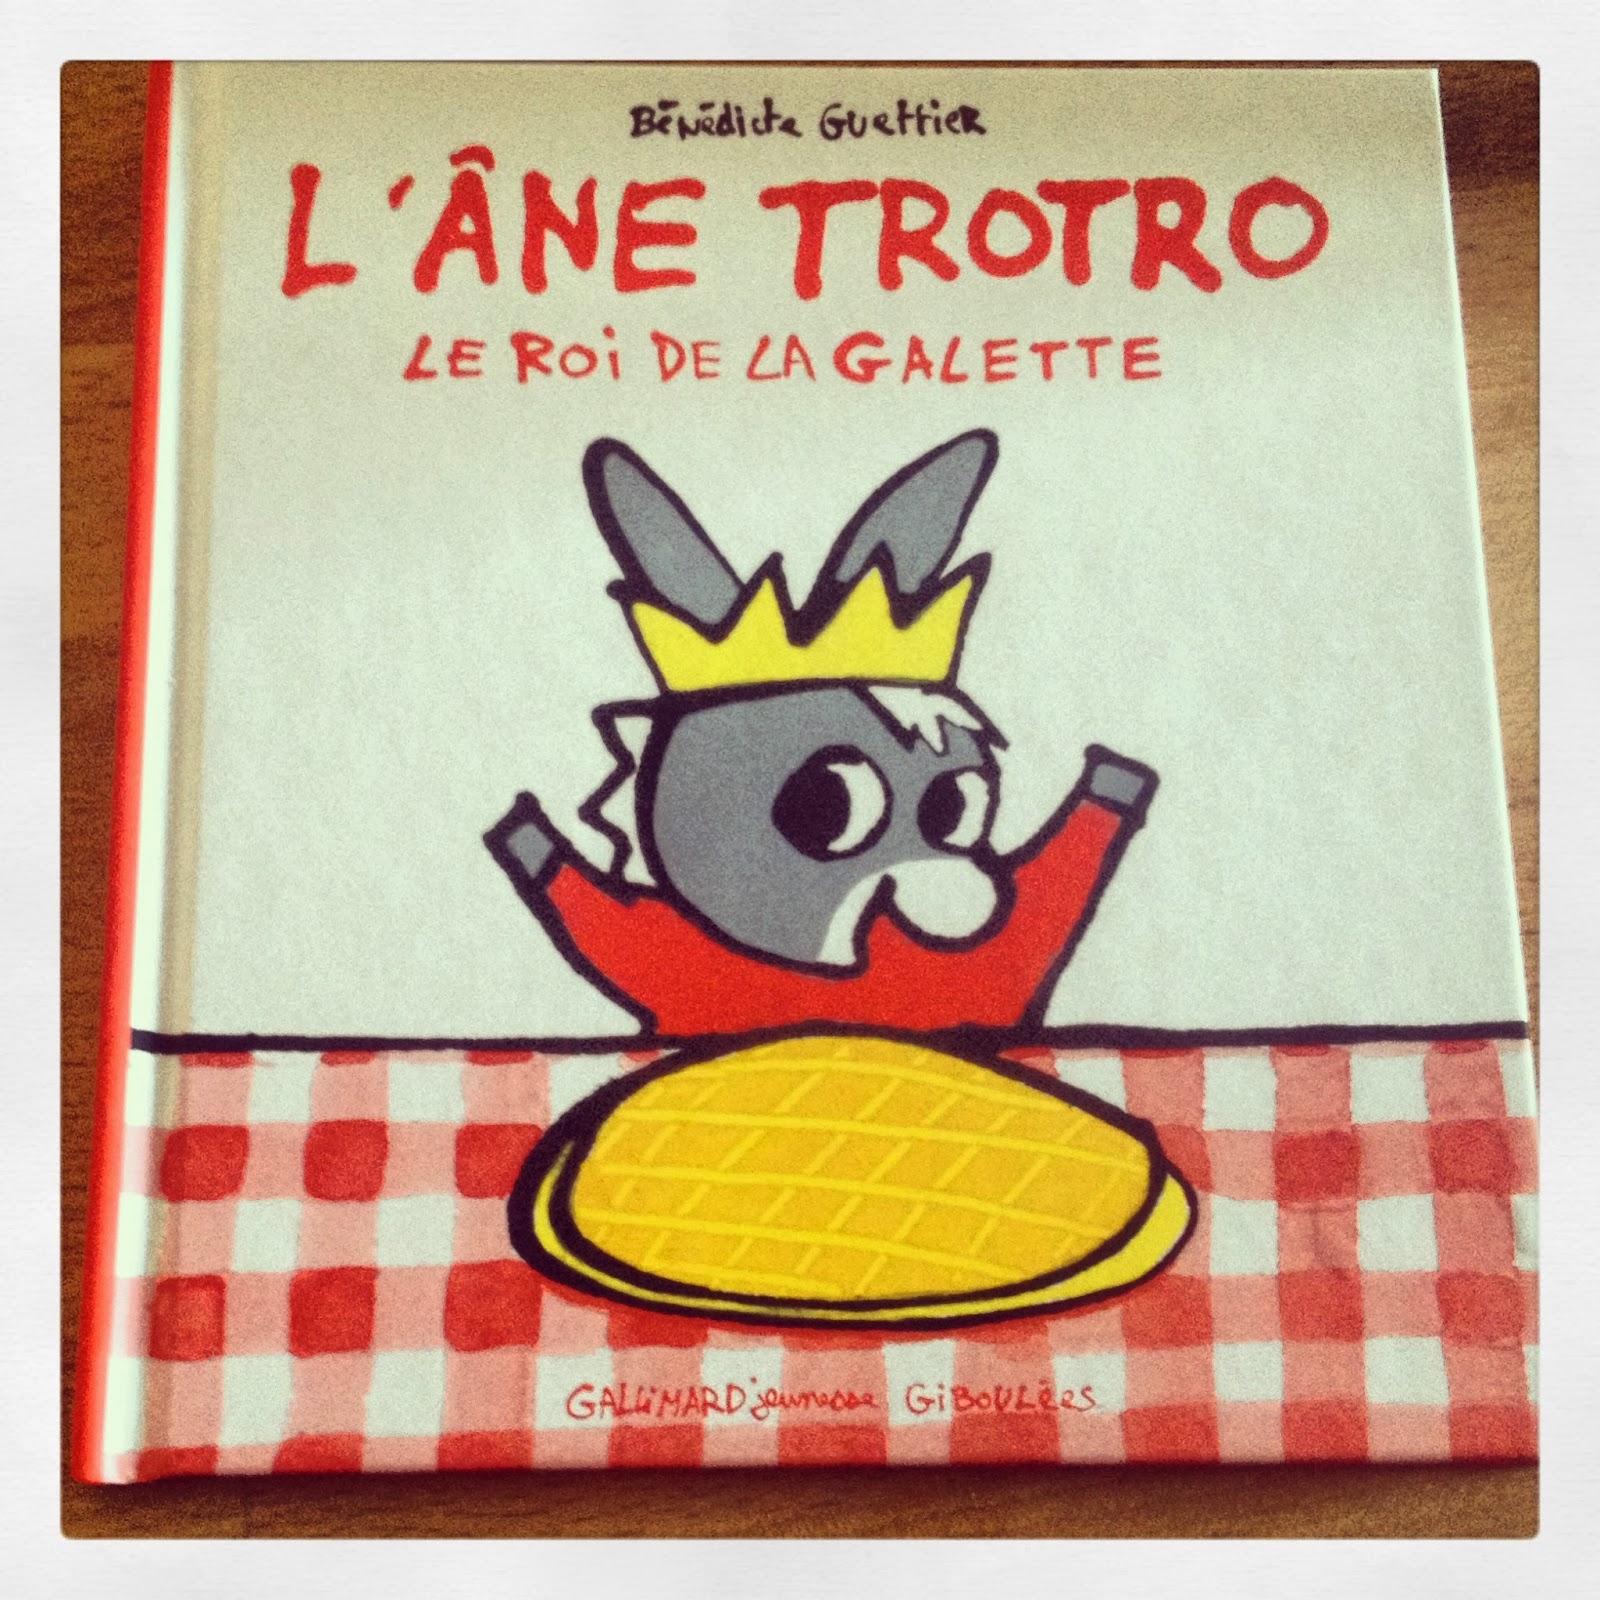 La Galette Des Rois Avec Trotro [Miam Miam] [Album] intérieur Dessin Animé De Trotro En Francais Gratuit